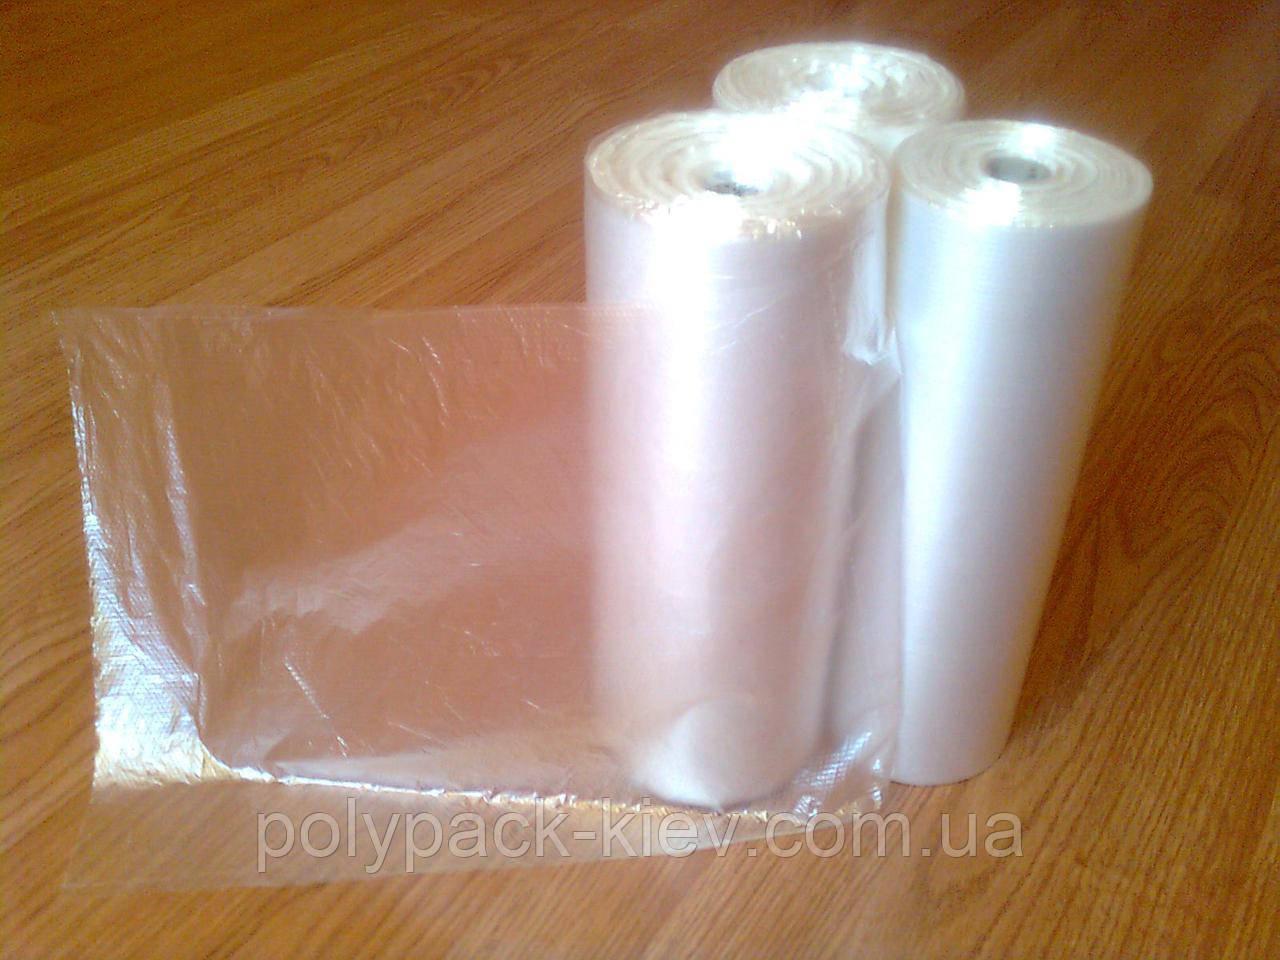 Пакет в рулоне без ручек 26*40 см фасовочный 1000 шт рулон, прочные фасовочные полиэтиленовые пакеты в рулонах